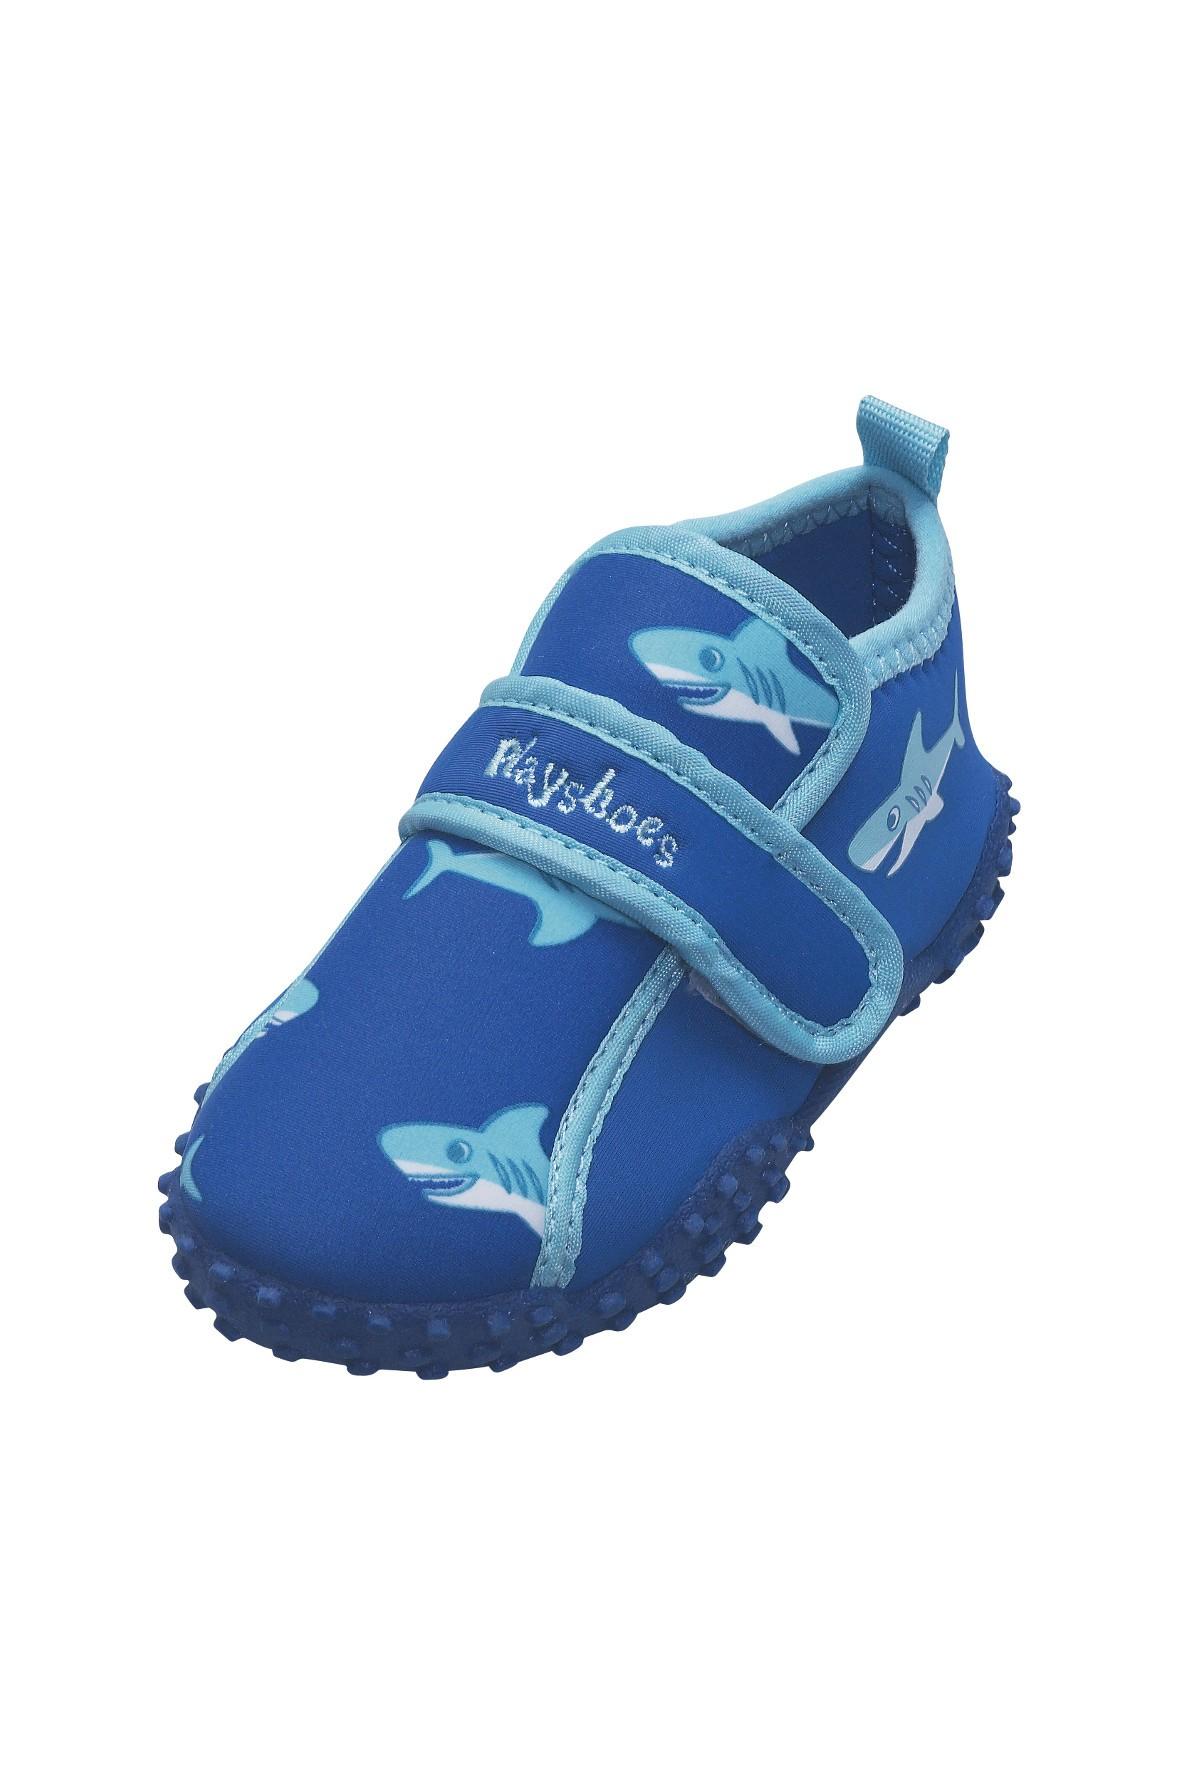 Buty kąpielowe z filtrem UV- niebieskie w rekiny